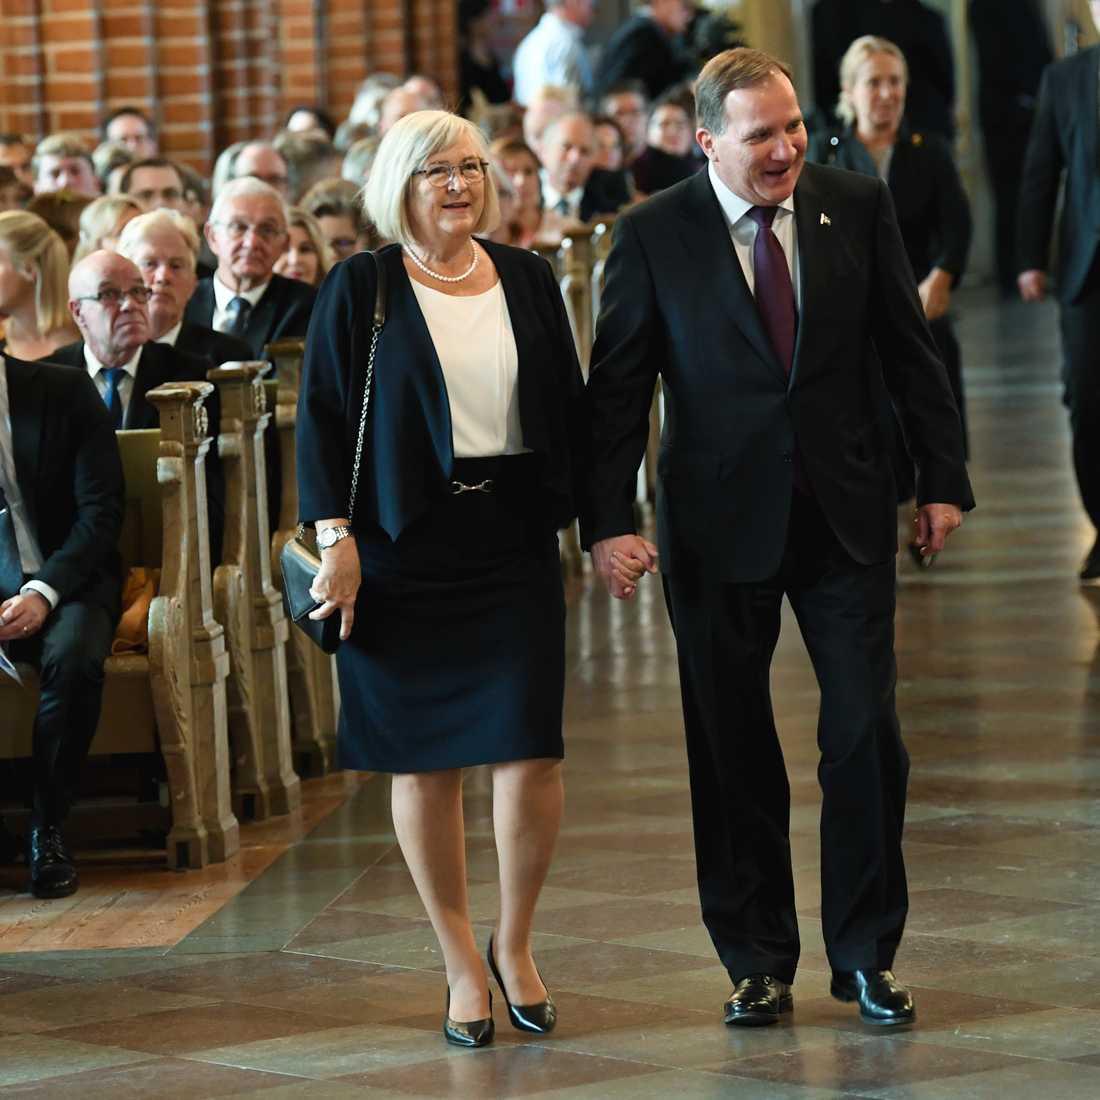 Statsminister Stefan Löfven (S) med frun Ulla Löfven.